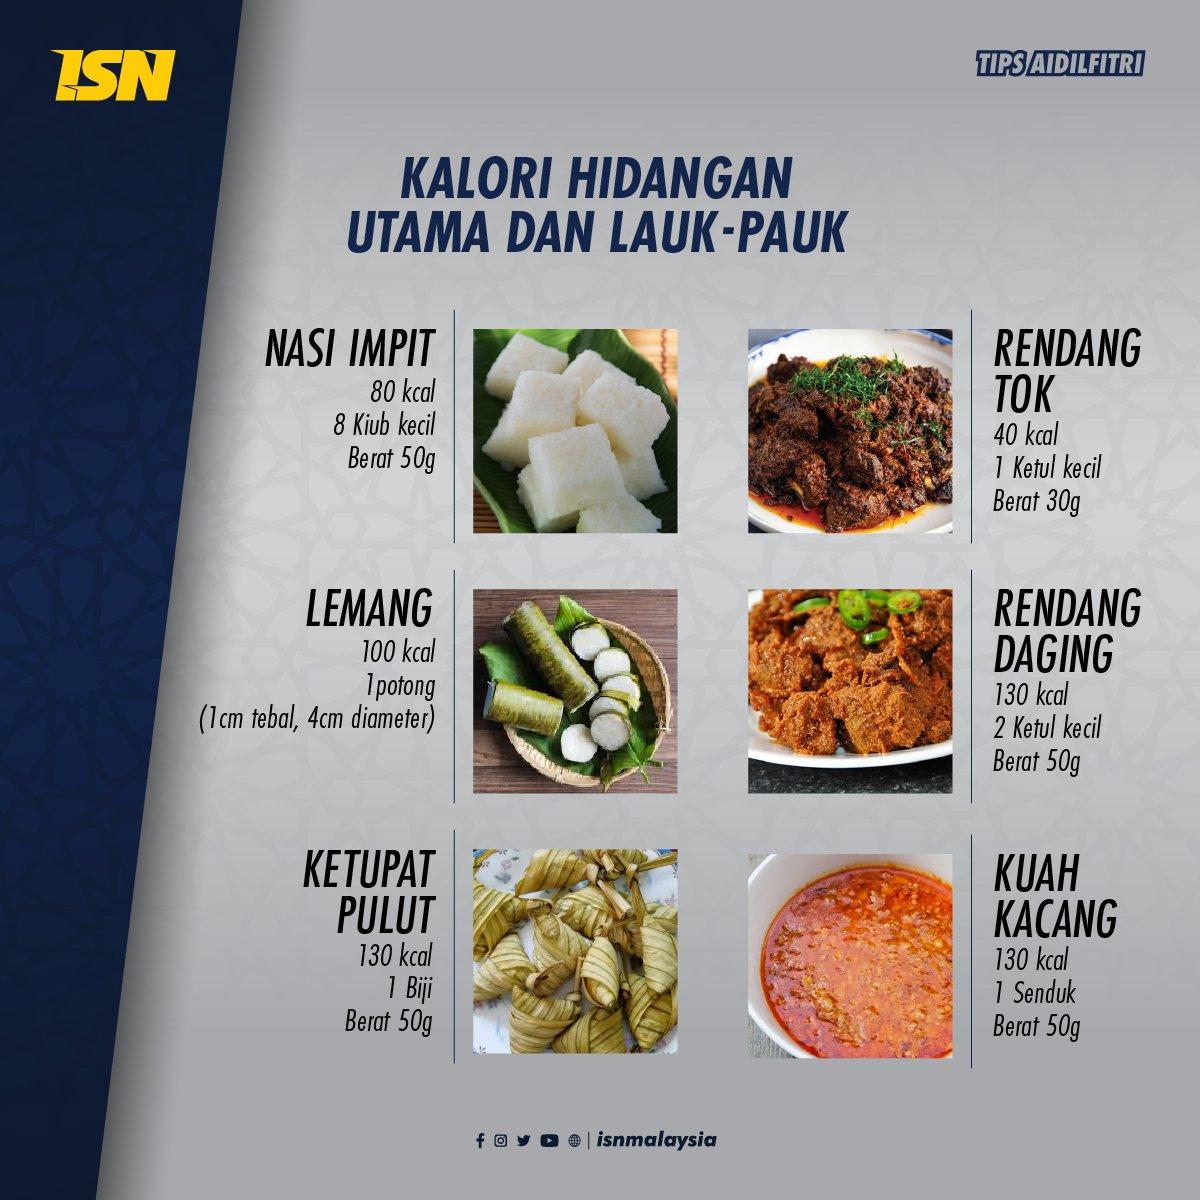 Institut Sukan Negara على تويتر Ketupat Lemang Rendang Berapa Agaknya Nilai Kalori Setiap Hidangan Harirayaaidilfitri Teamisn Https T Co Cyw84owjqj تويتر